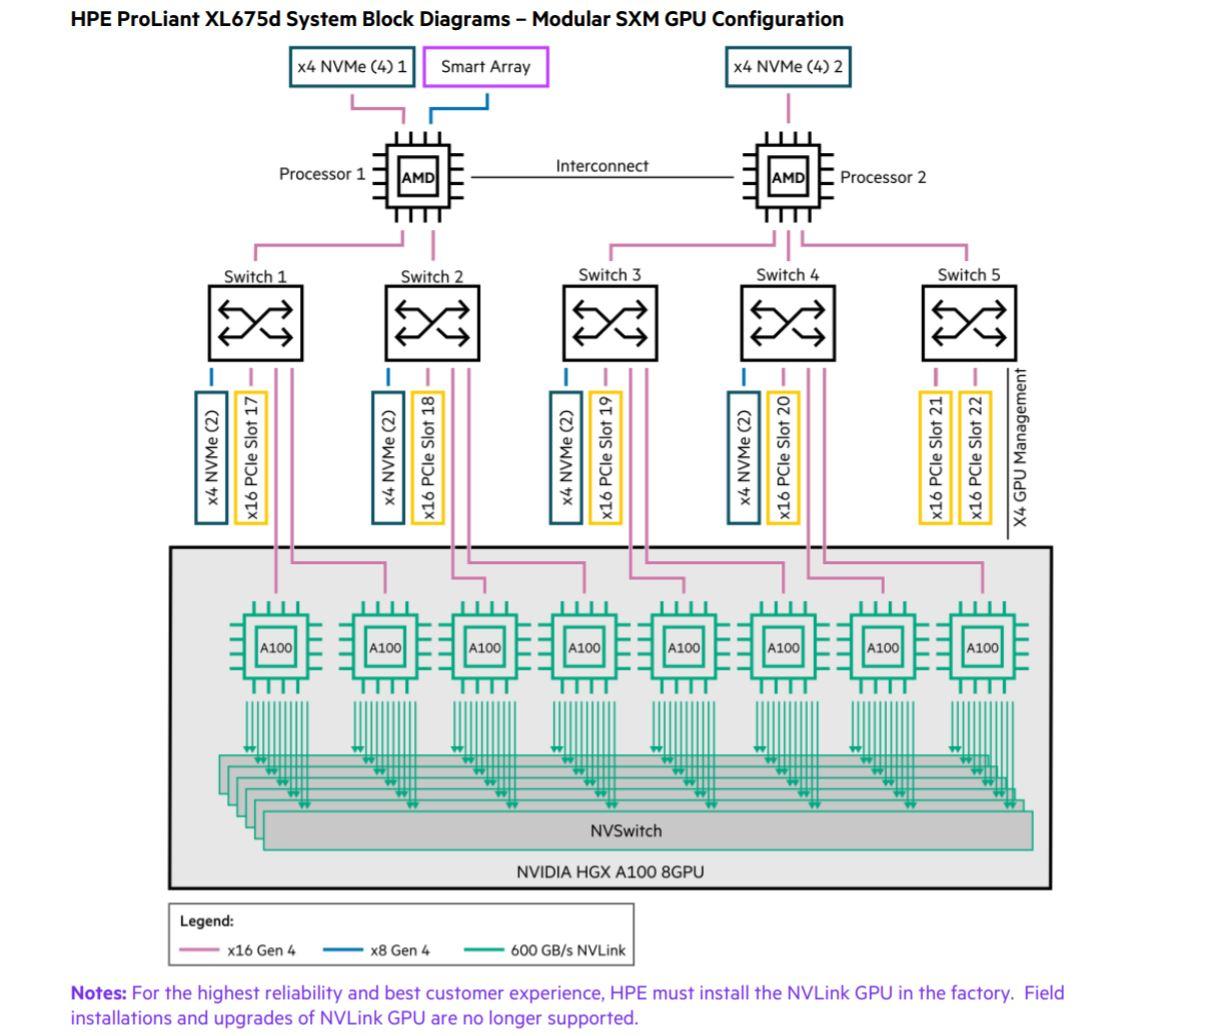 HPE Apollo 6500 Gen10 Plus 8x SXM4 GPU Configuration